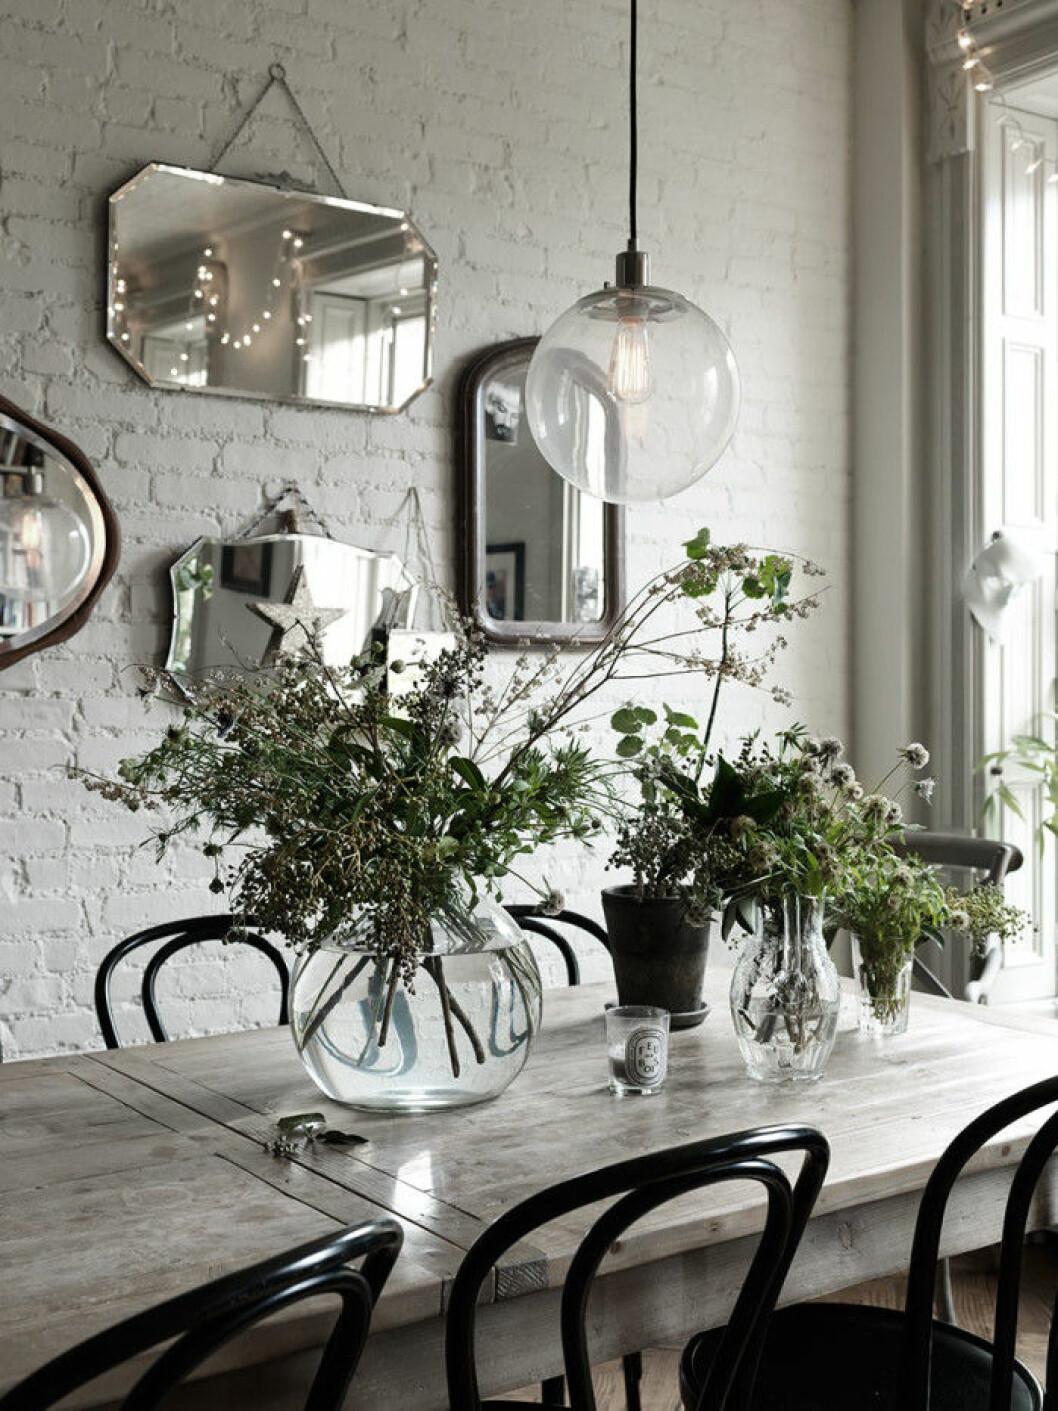 Mycket växter på matsalsbordet.